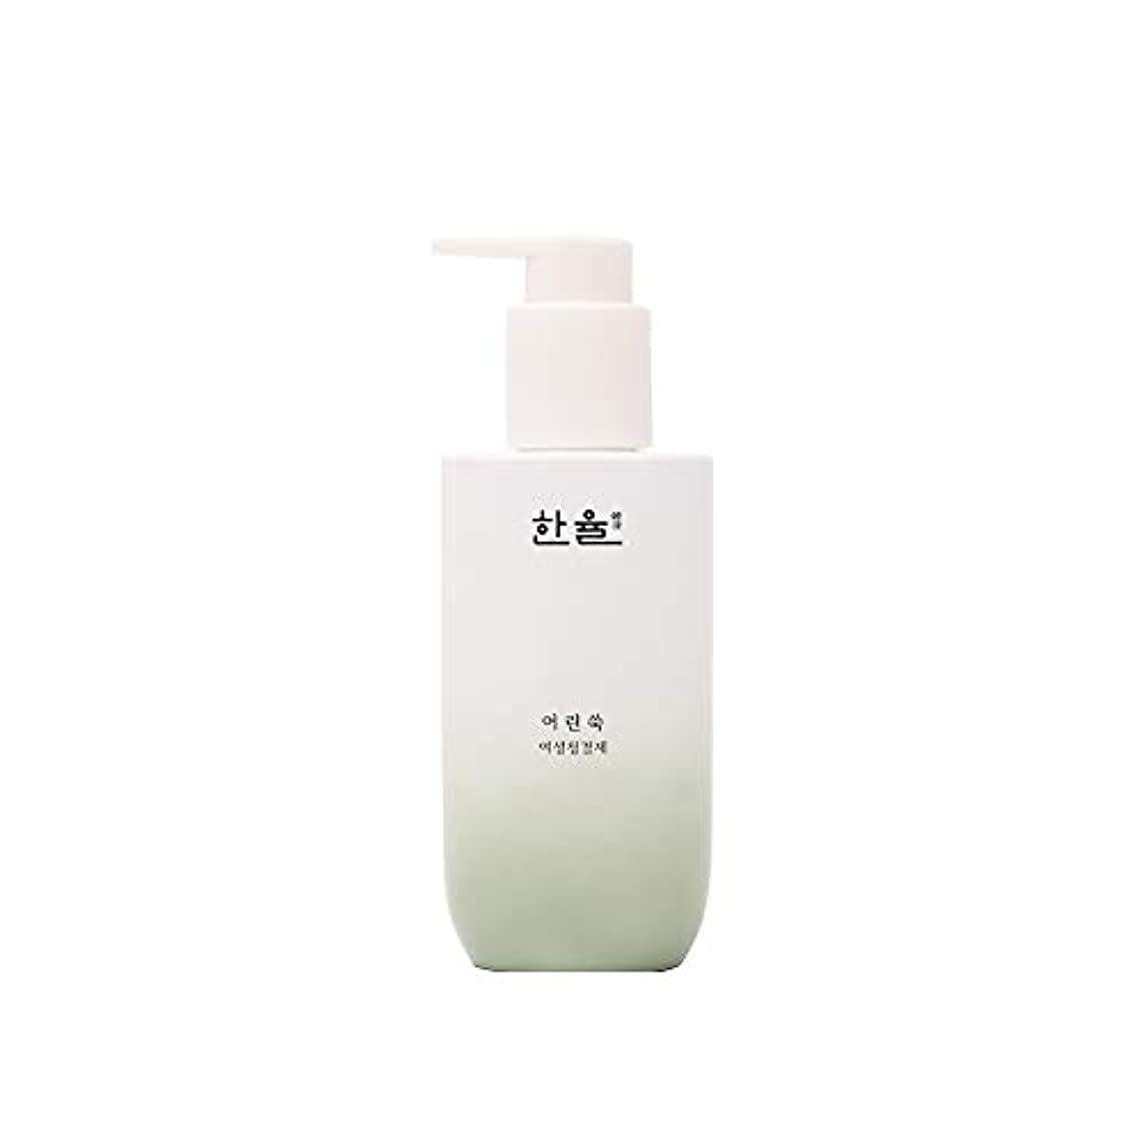 罰するシロクマ有益【HANYUL公式】 ハンユル フェミニンケアジェル 200ml / Hanyul Pure Artemisia Feminine care gel 200ml